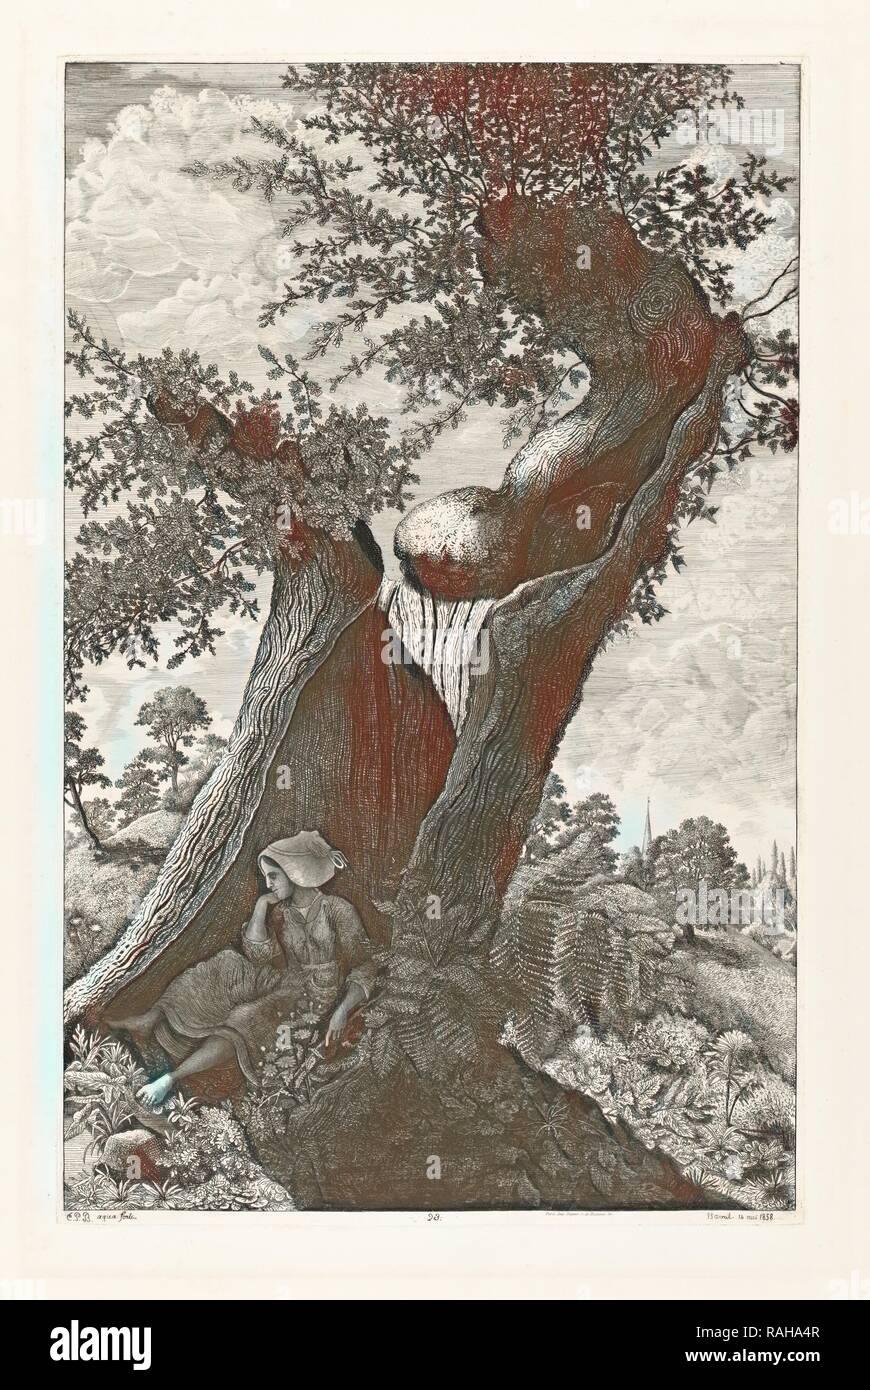 Le gros chêne creux, étude prise à Sautron, Phélippes Beaulieux, Emmanuel, 1829-1874, 1858. Reimagined - Stock Image